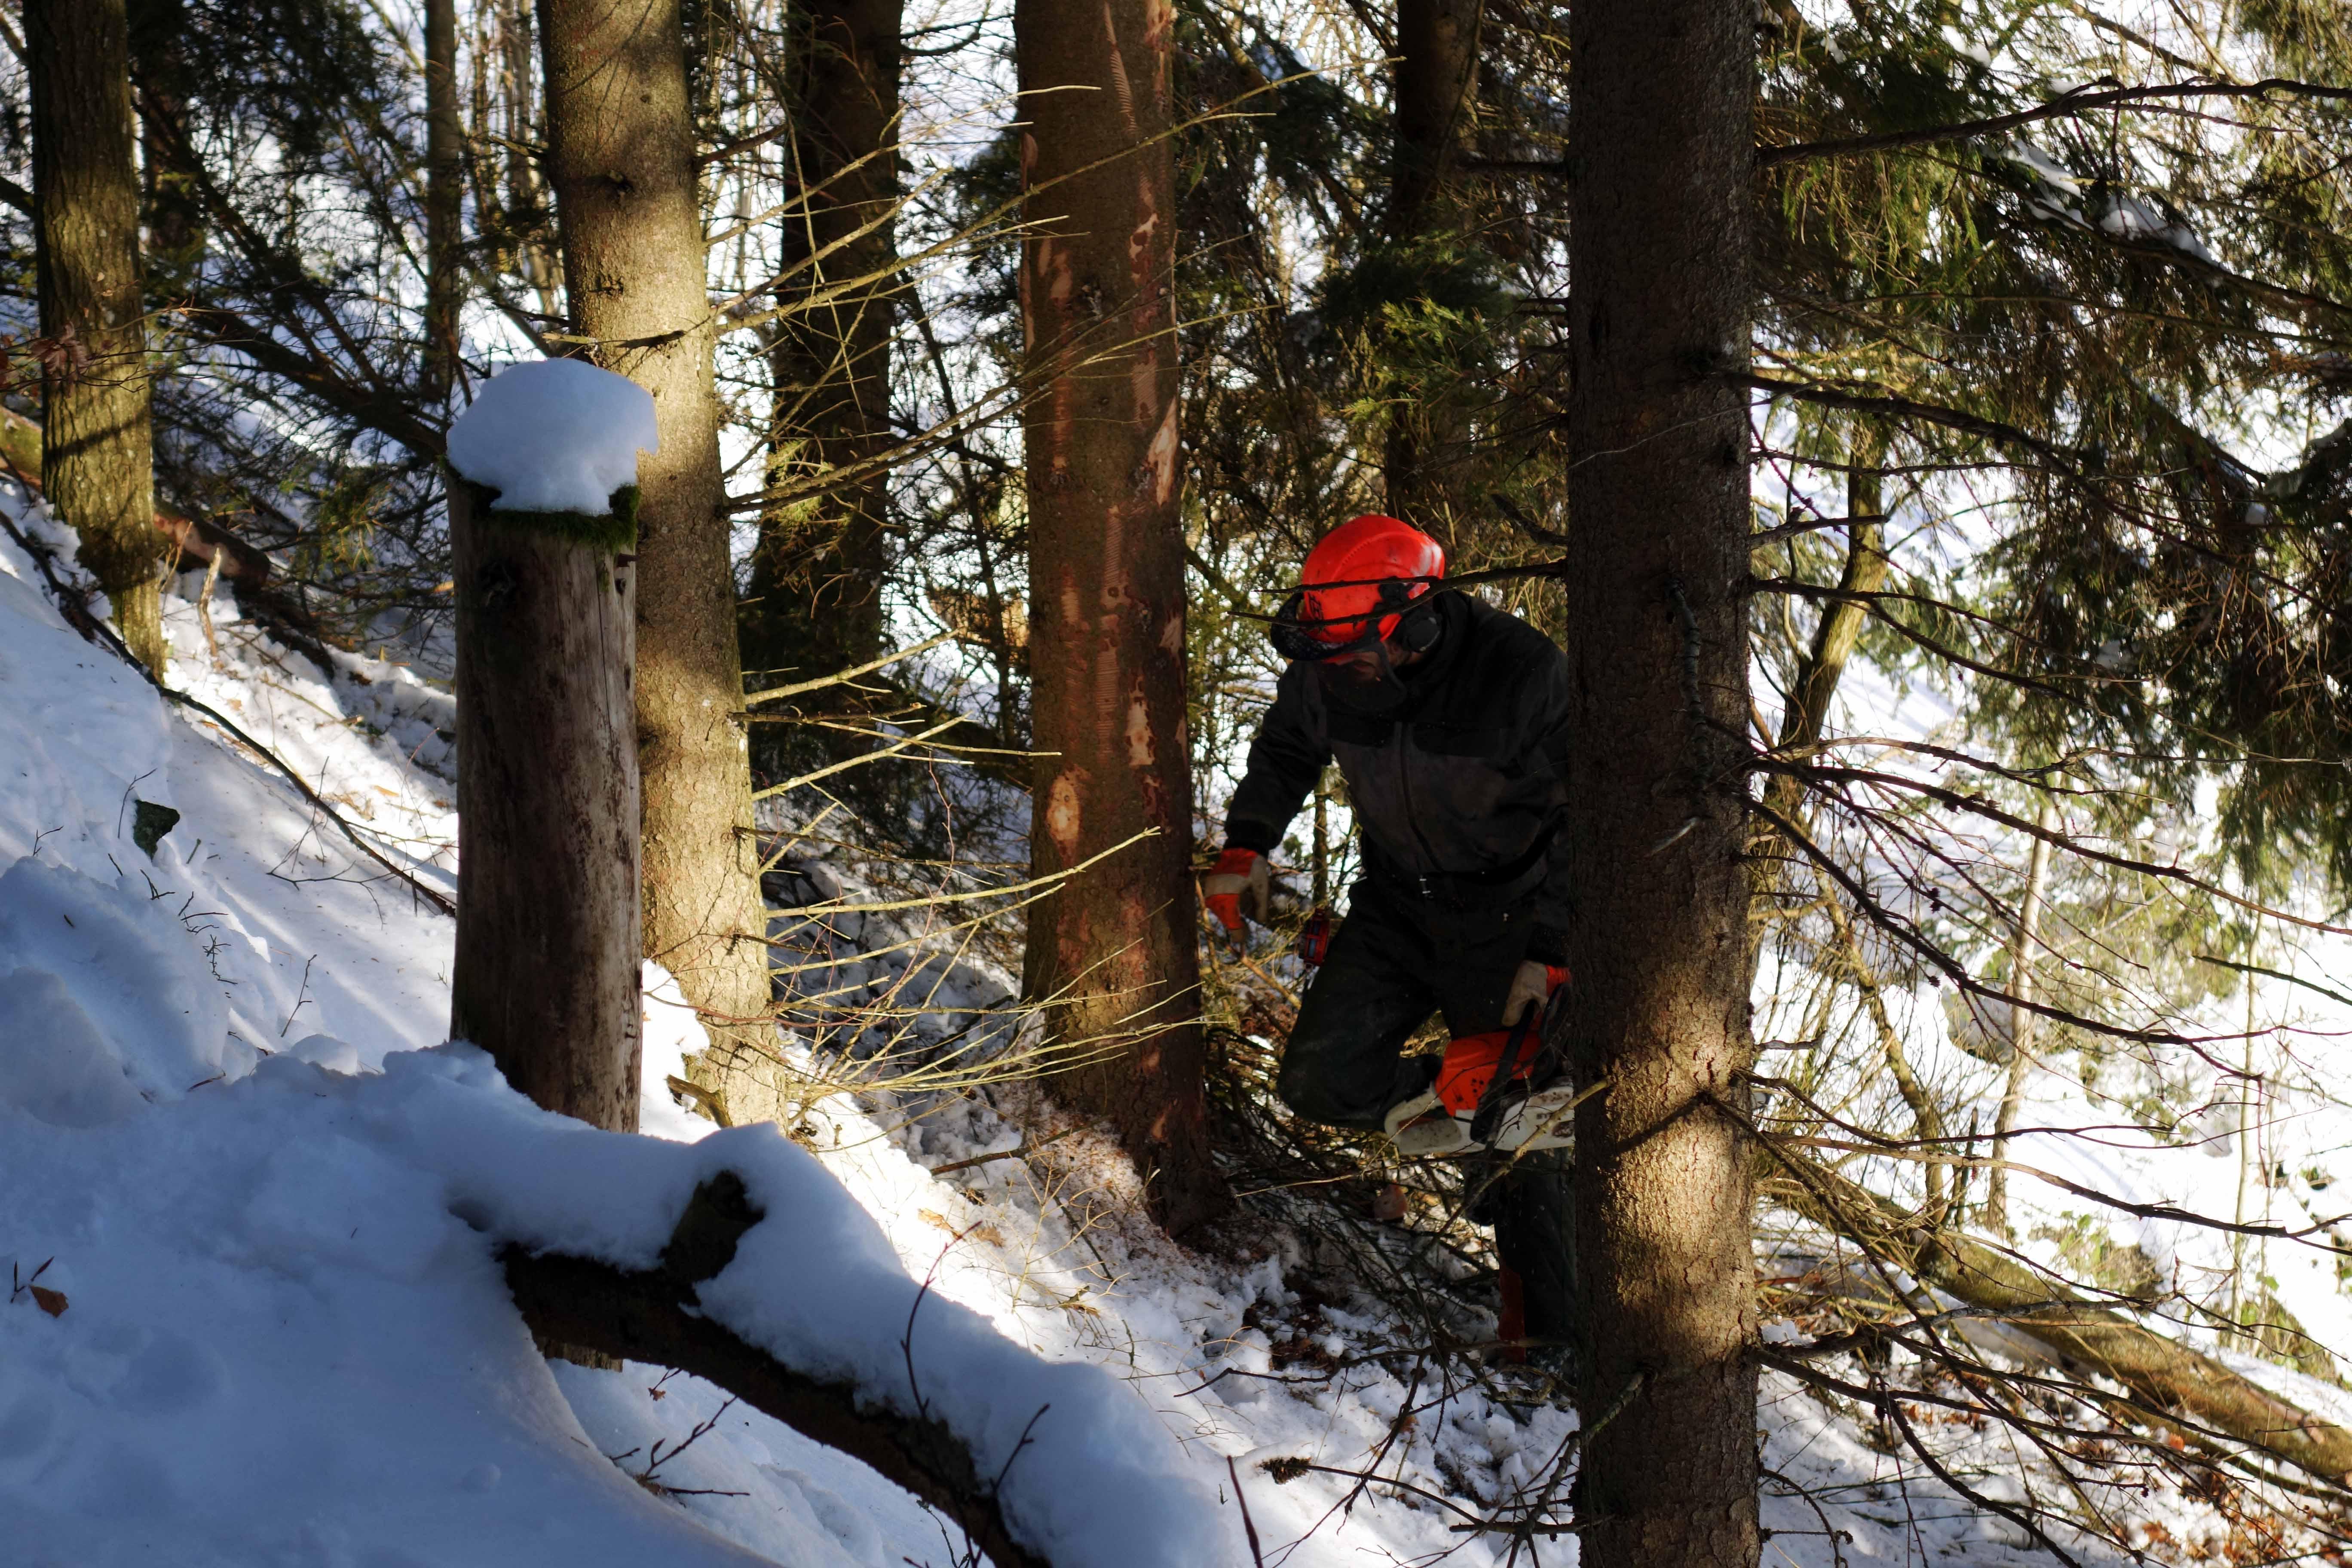 Waldwirtschaft_02_kl